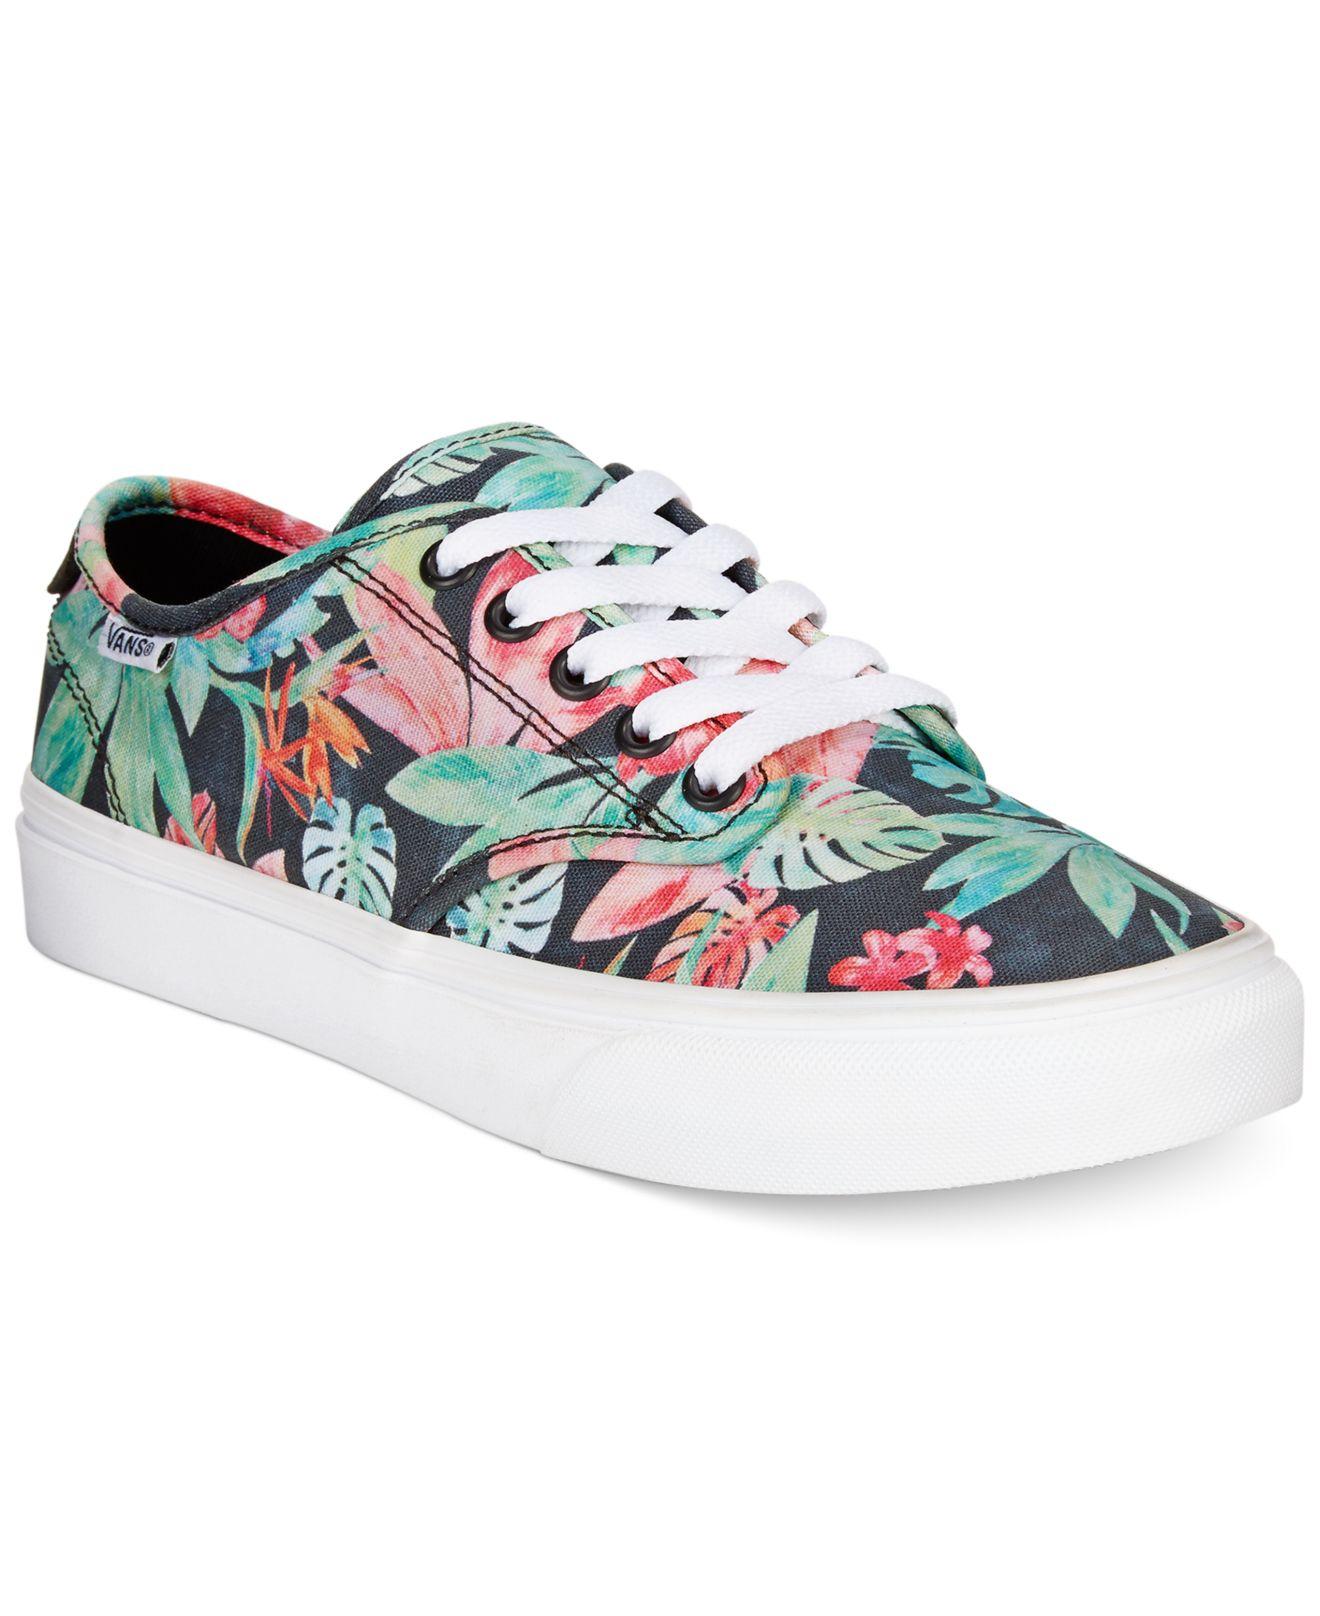 700d89551f Lyst - Vans Women s Camden Lace-up Sneakers